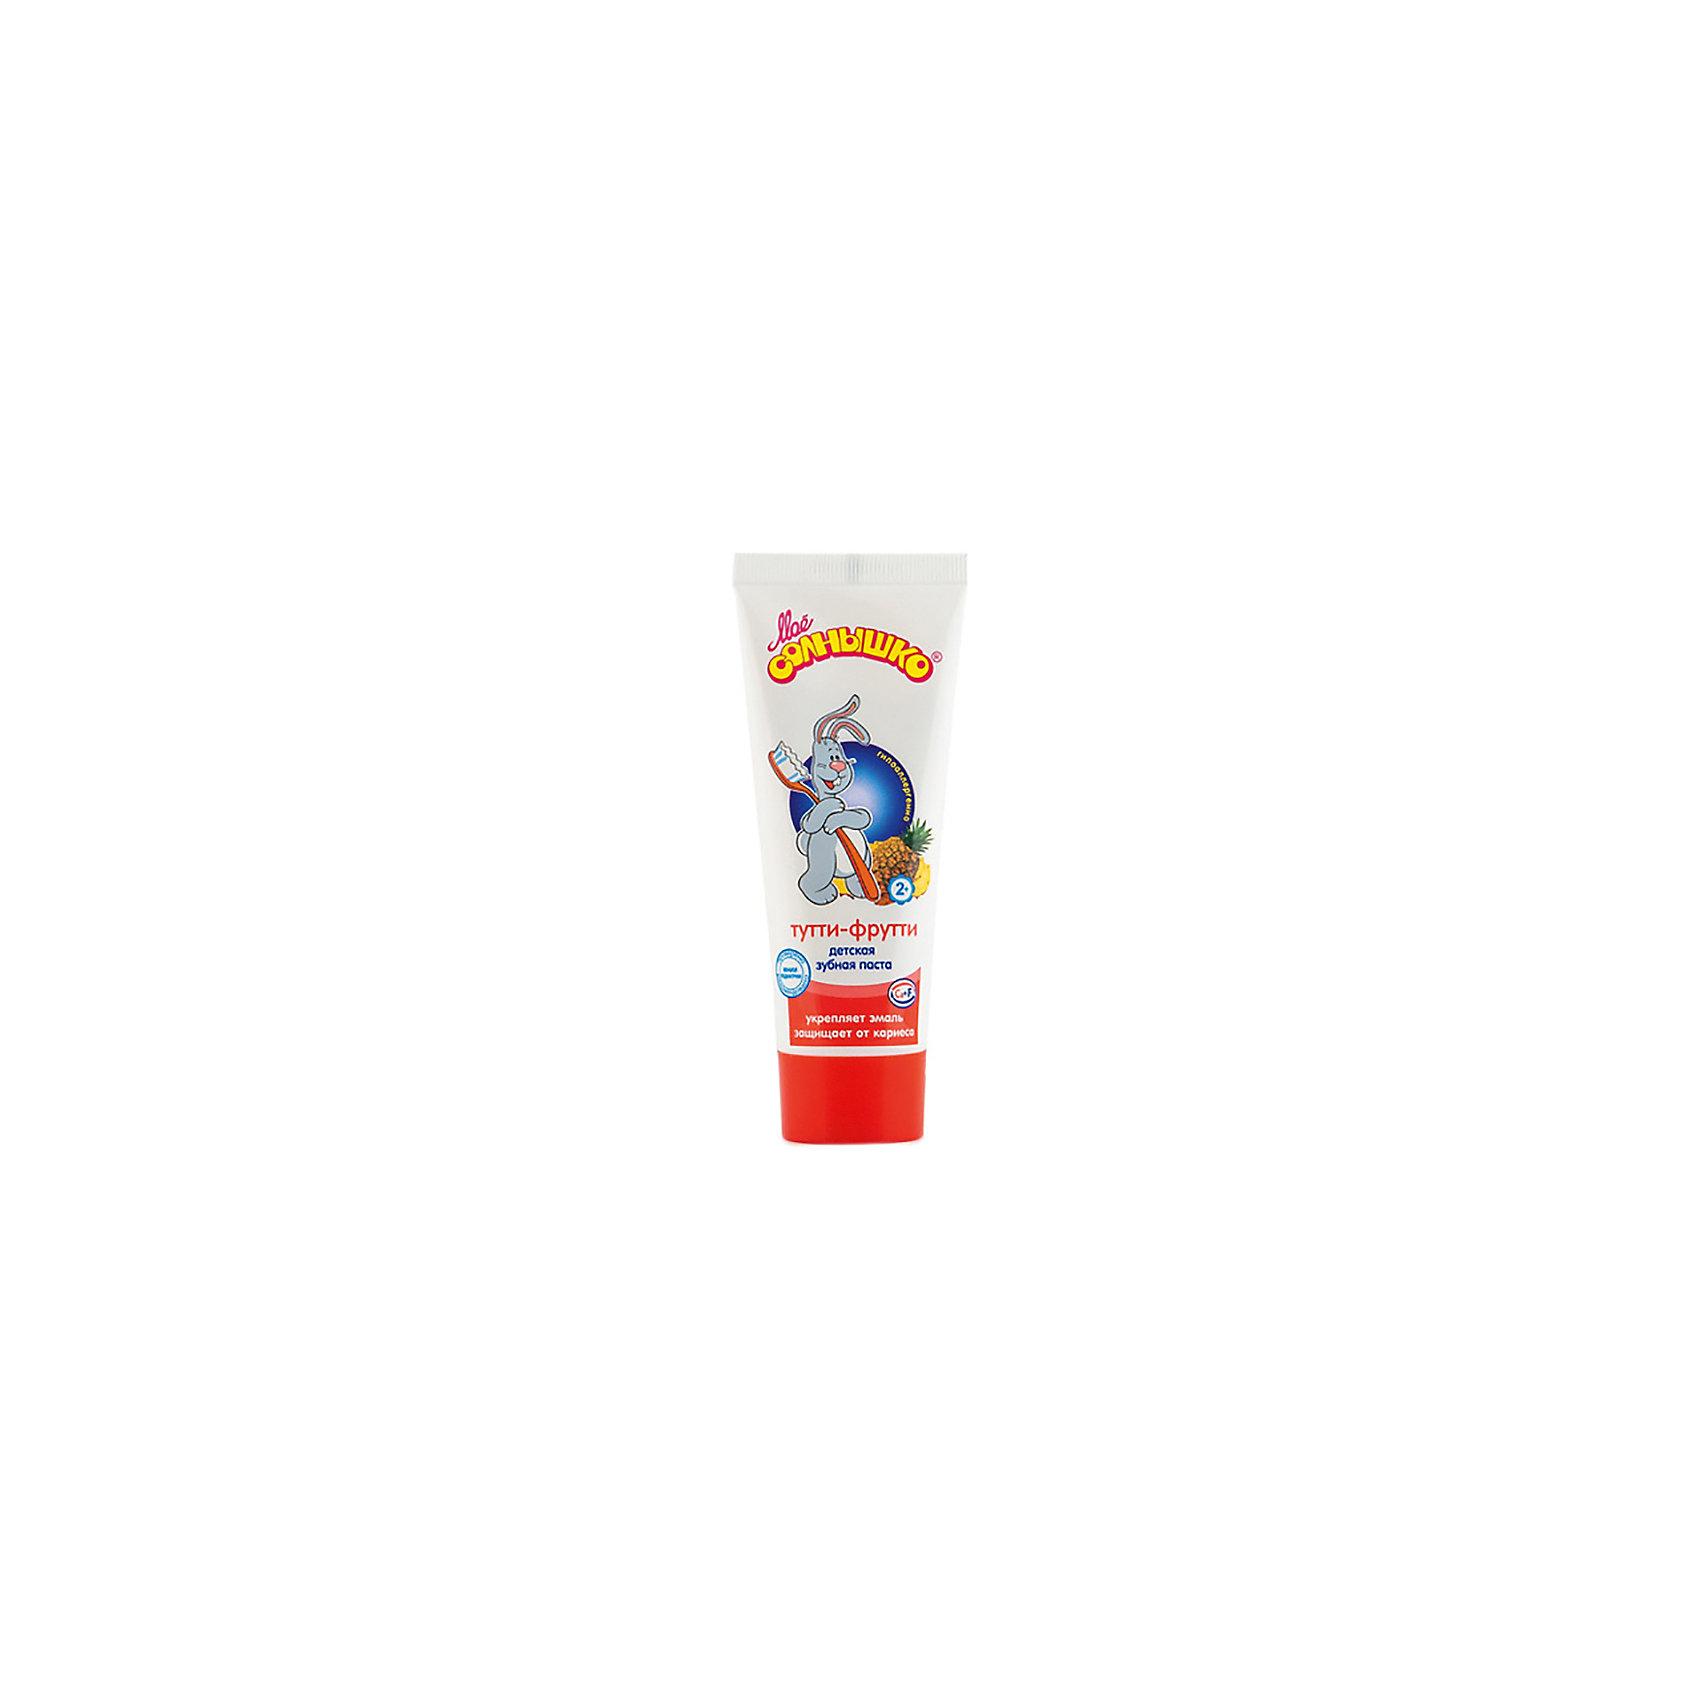 Зубная паста Тутти-Фрутти, Моё солнышкоЗубные пасты<br>Зубная паста Тутти-фрутти разработана специально для ухода за детскими молочными и постоянными зубами. Рекомендована для малышей в возрасте от двух лет. Благодаря сбалансированному комплексу кальция и фтора, паста укрепляет формирующуюся эмаль, защищает зубы от кариеса, не вызывая раздражений на слизистой. Безопасна при случайном проглатывании. Хорошо пенится и обладает приятным мультифруктовым вкусом.<br><br>Ширина мм: 55<br>Глубина мм: 35<br>Высота мм: 135<br>Вес г: 110<br>Возраст от месяцев: 24<br>Возраст до месяцев: 12<br>Пол: Унисекс<br>Возраст: Детский<br>SKU: 4124461